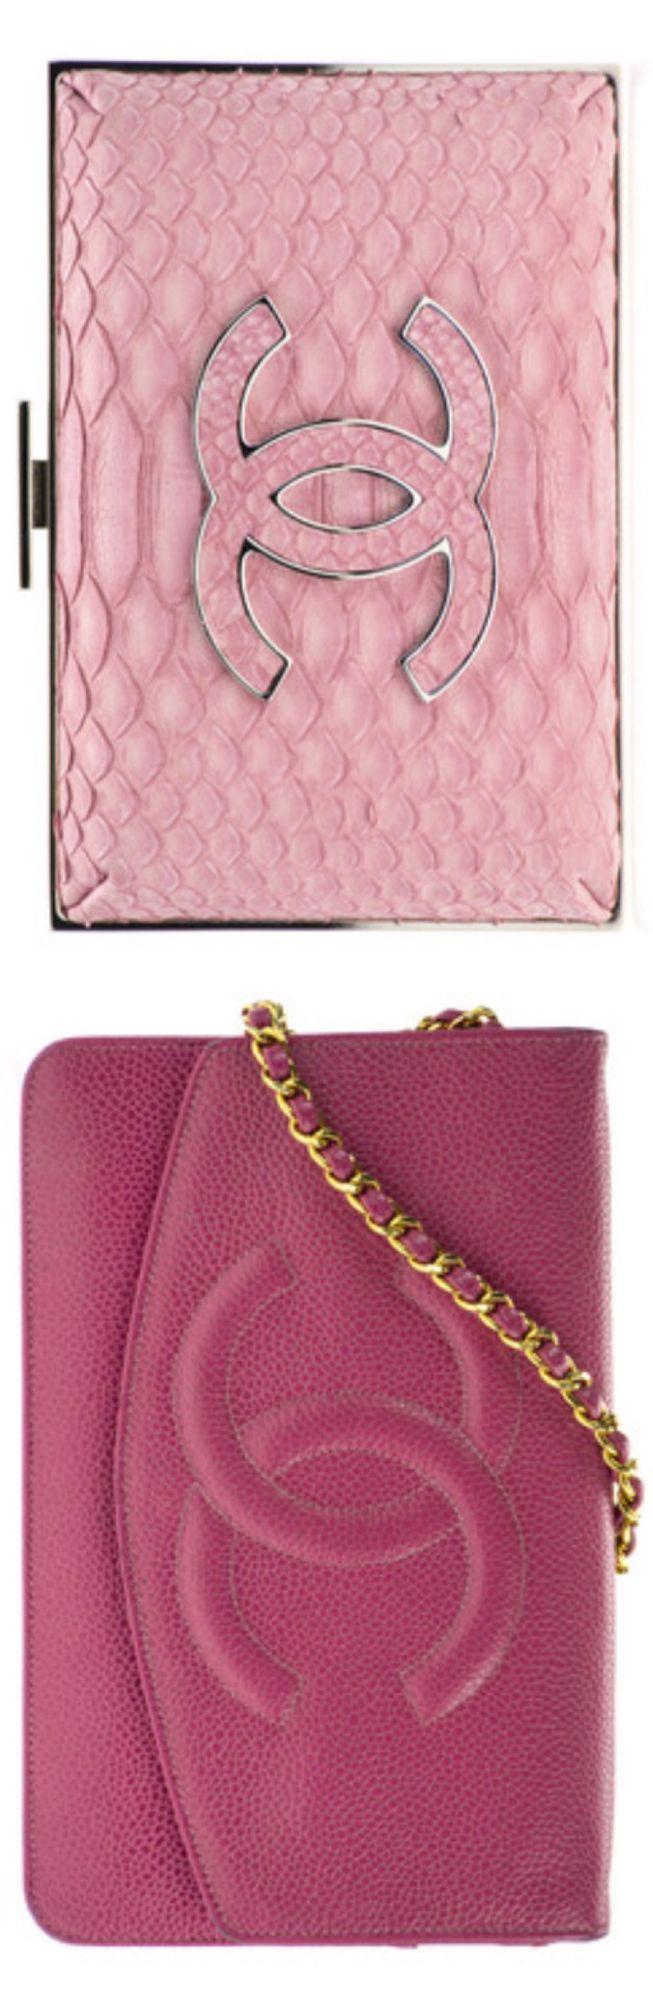 Frivolous Fabulous - Chanel ✿⊱╮